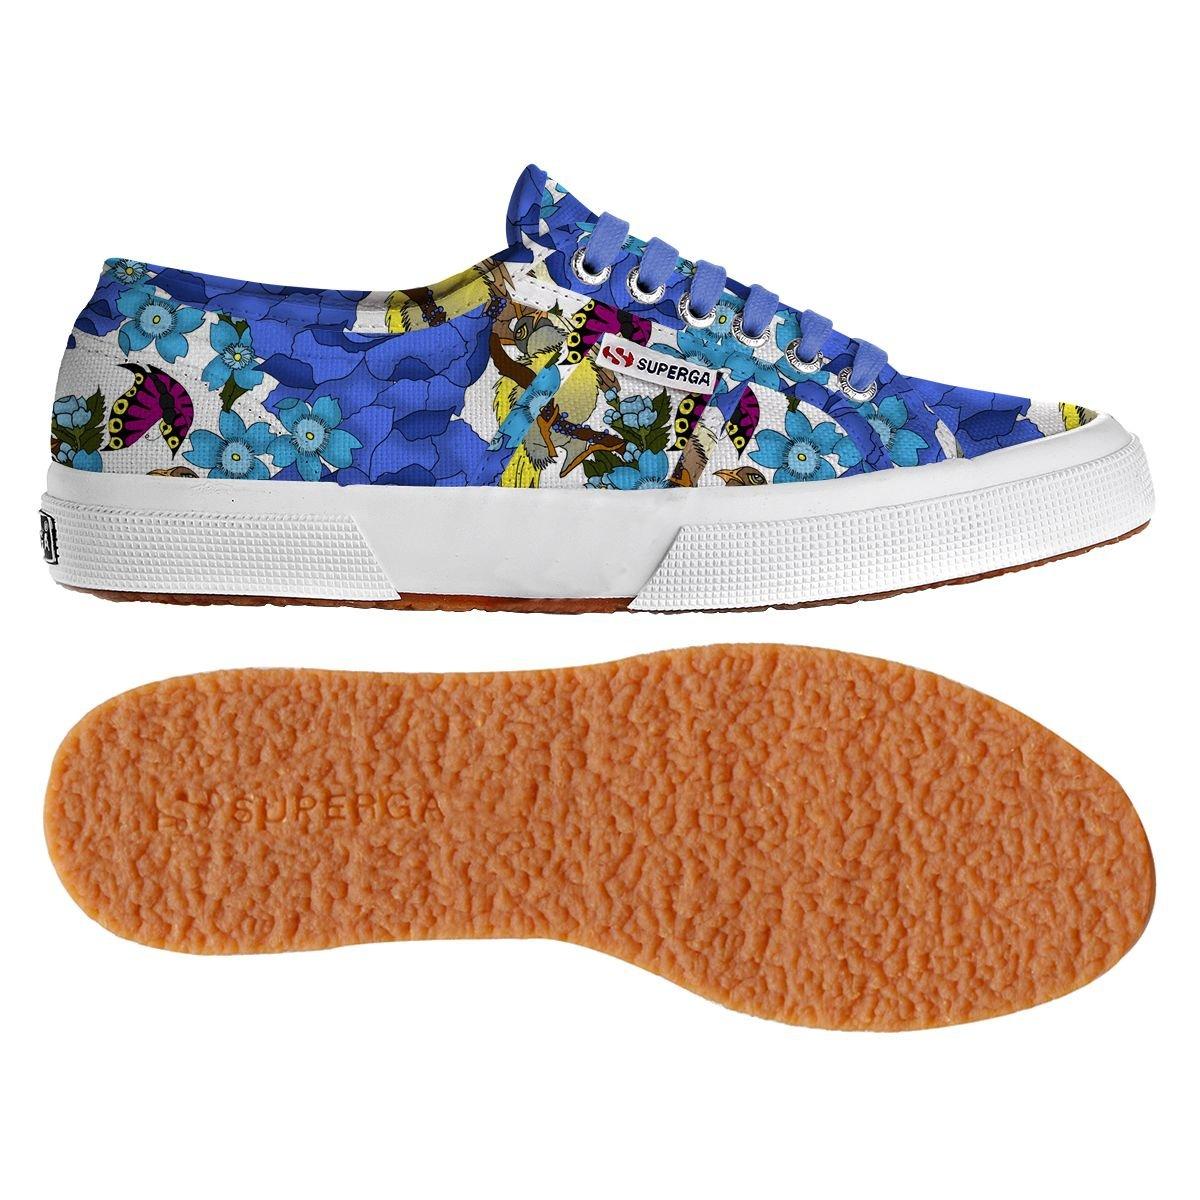 Mr.   Ms. Superga 2750 Fantasy Cotu, Cotu, Cotu, scarpe da ginnastica Donna Bel Coloreeee a buon mercato Ricca consegna puntuale | Bella E Affascinante  177a5d